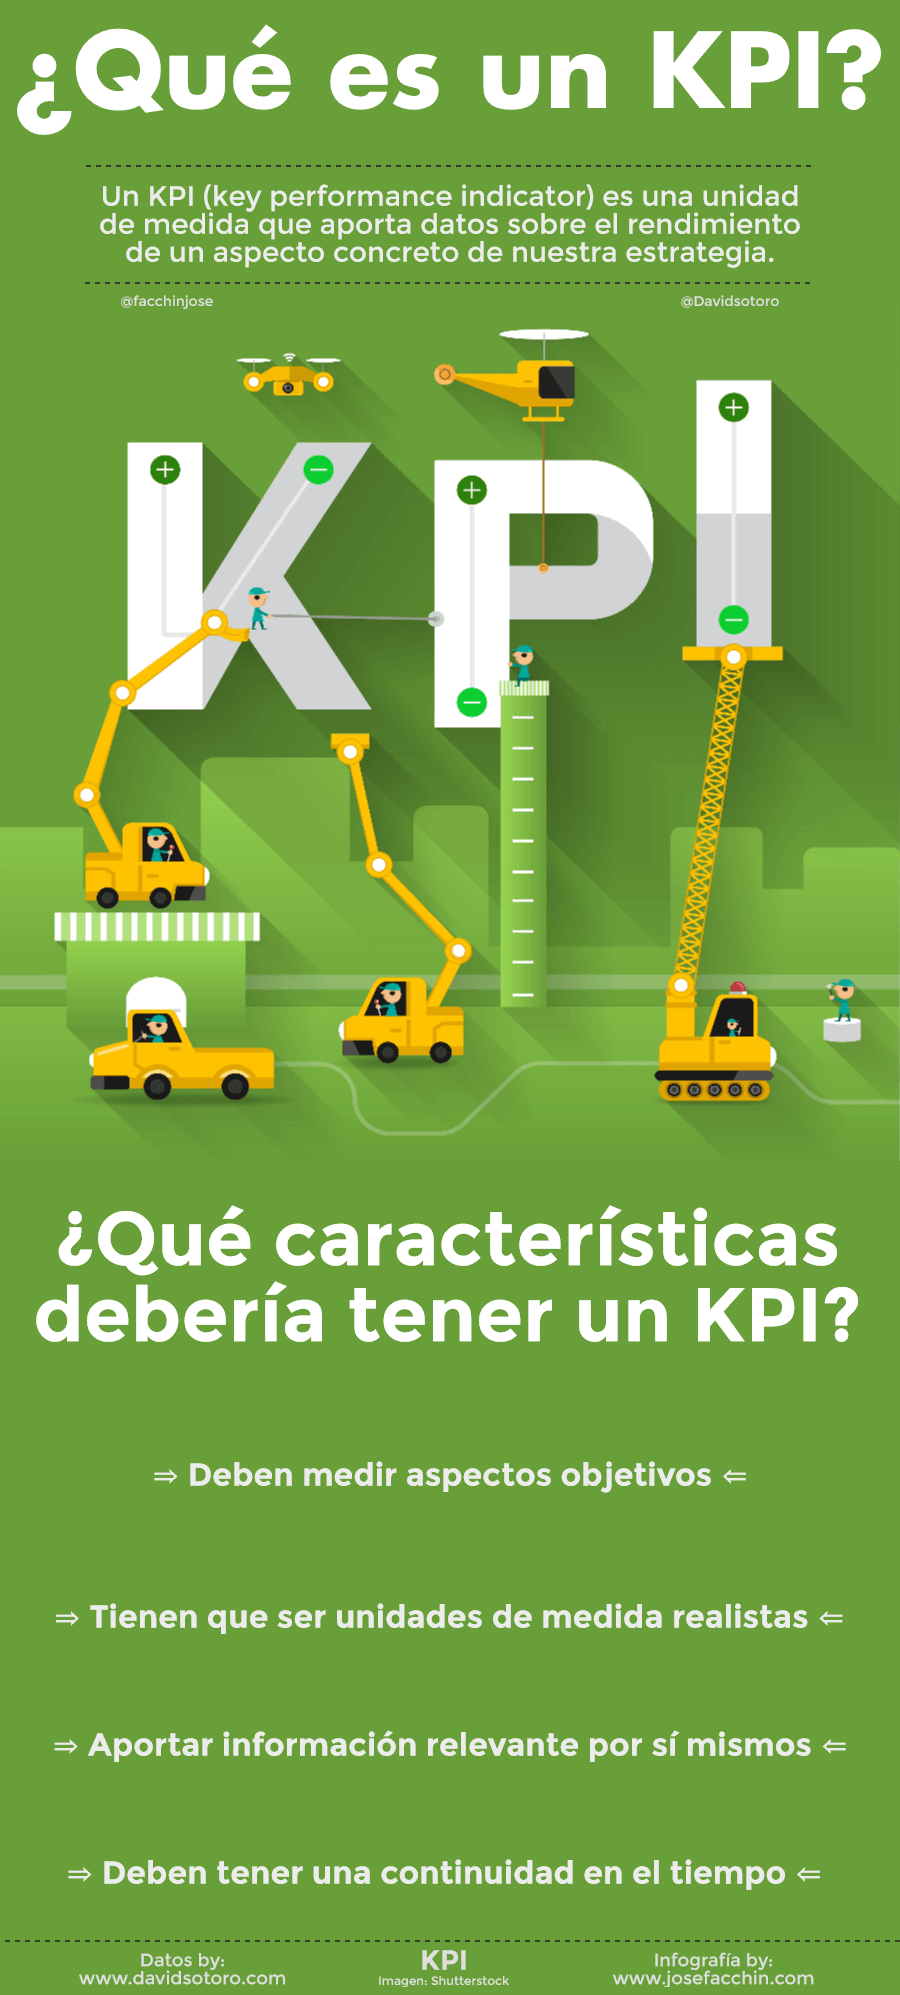 Características de los KPIs